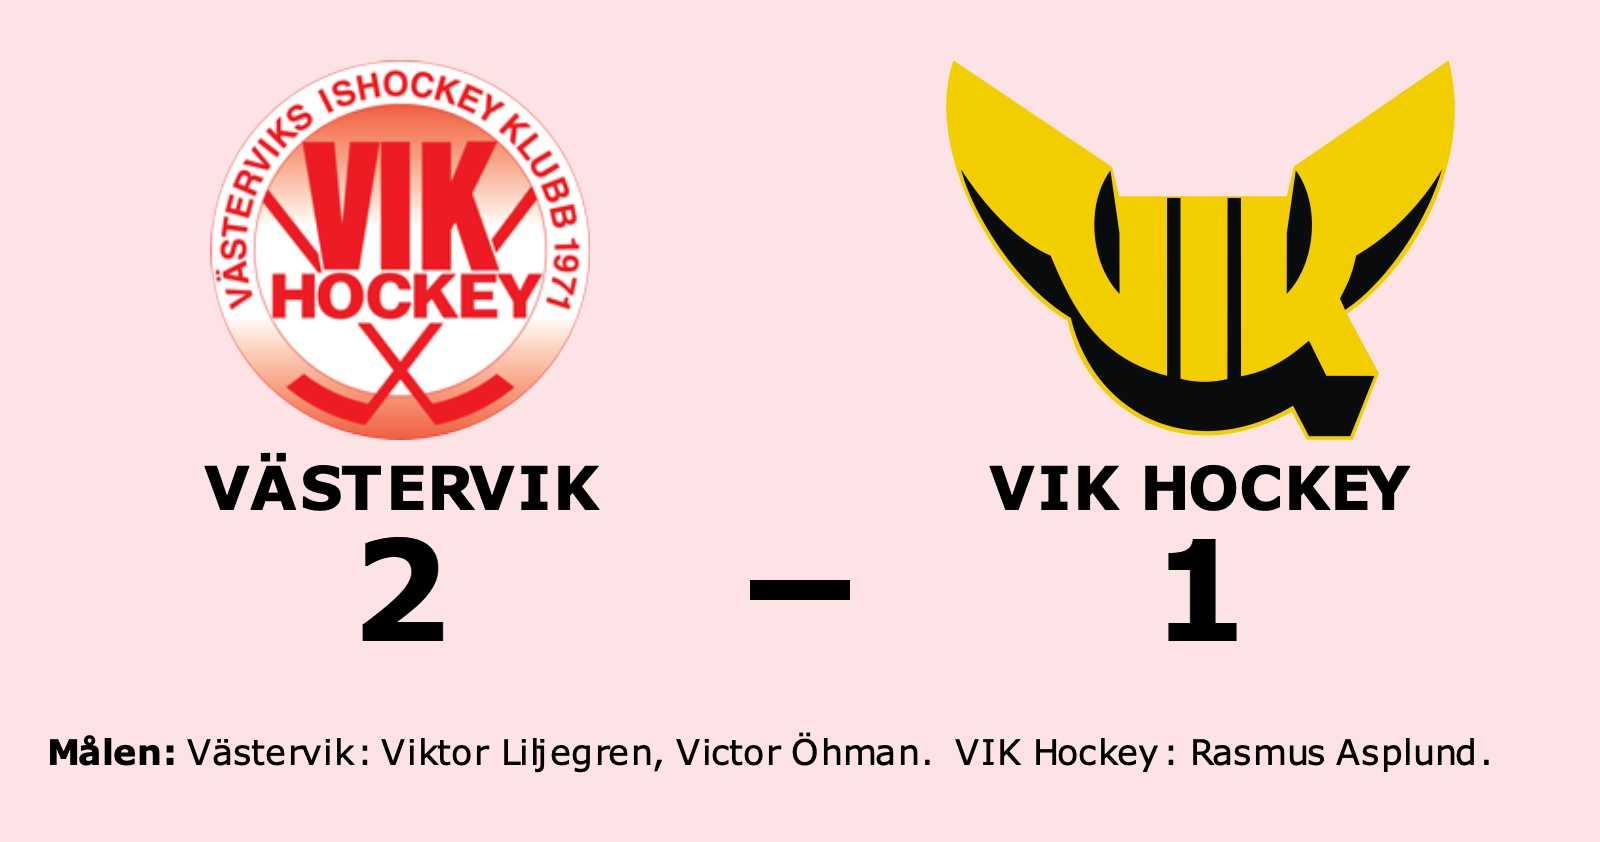 VIK Hockey föll i straffläggningen borta mot Västervik